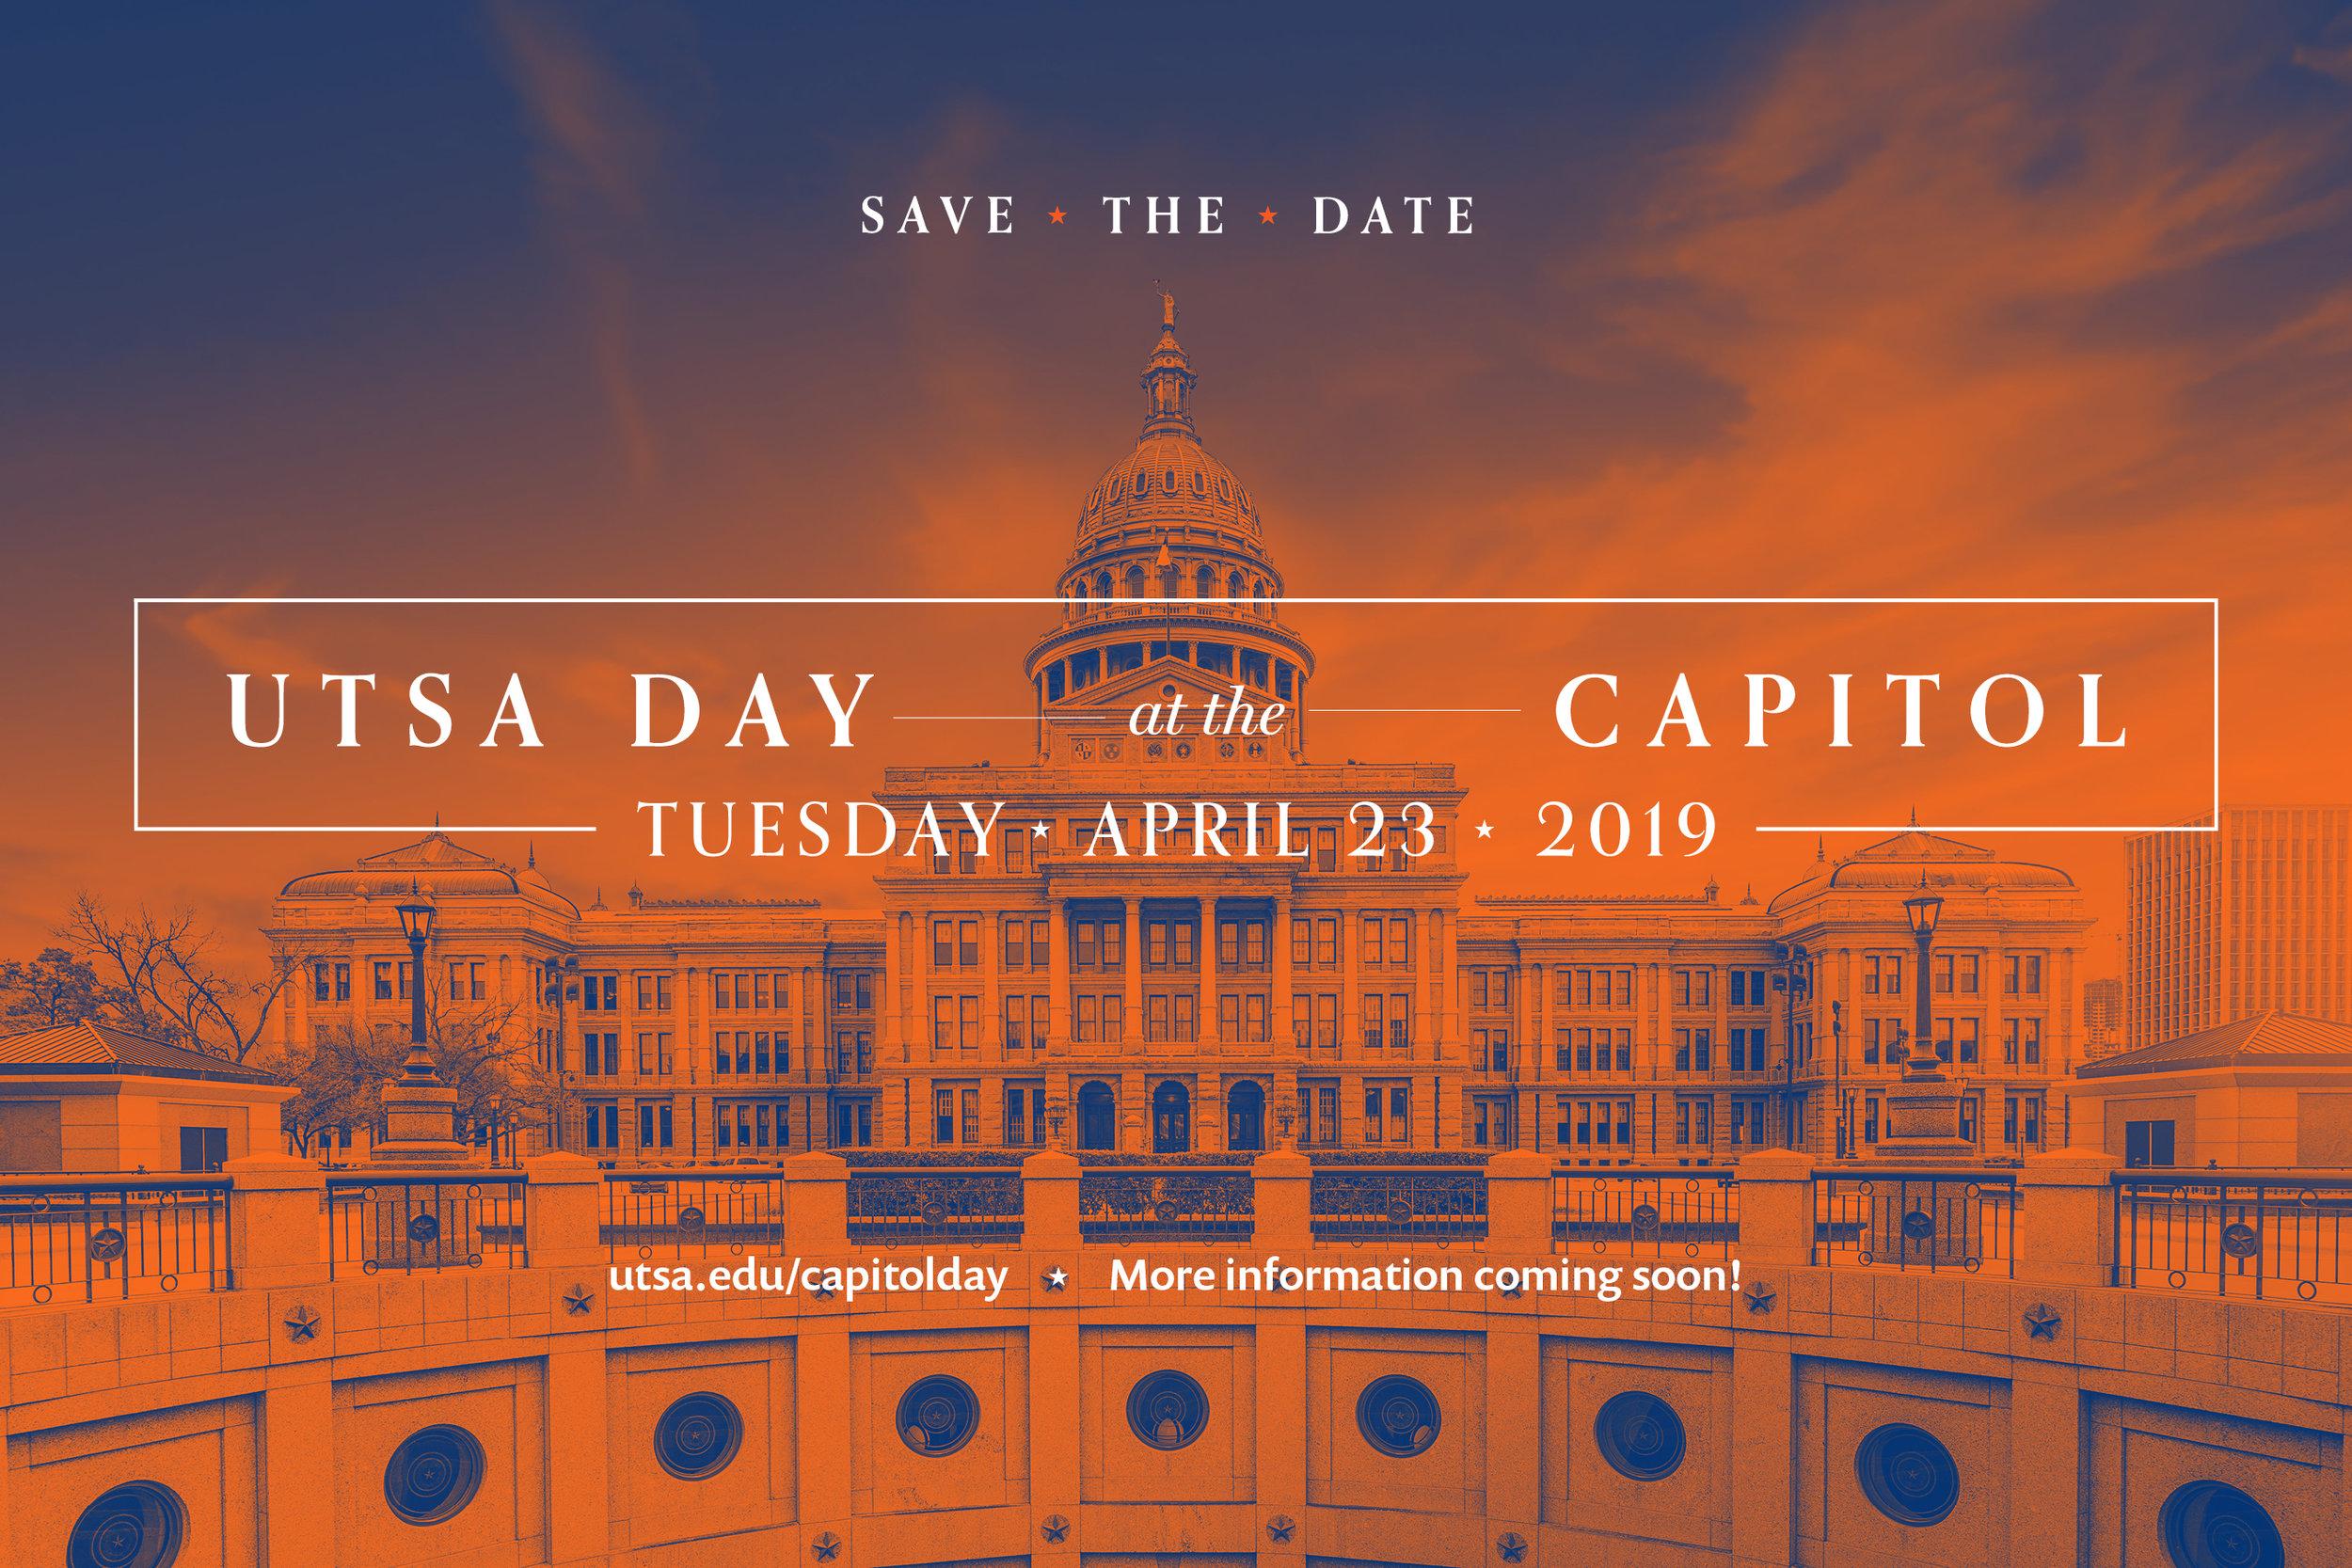 2019UTSADay_Capitol_v2.jpg